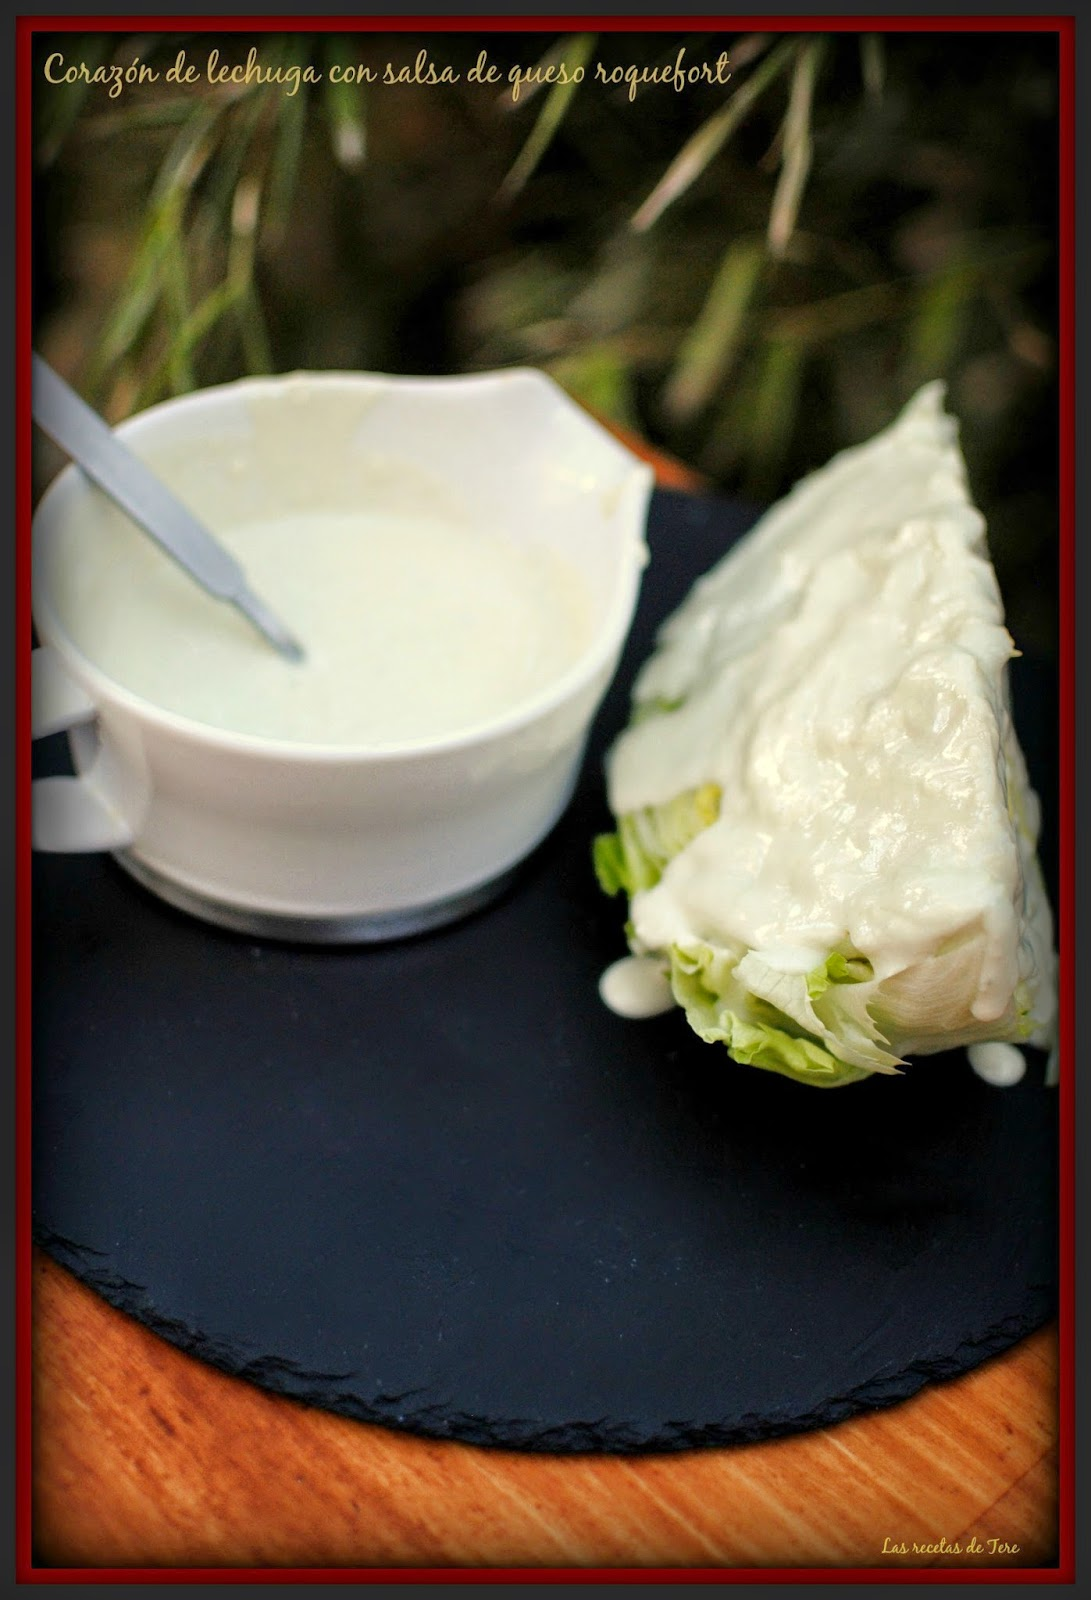 corazon de lechuga con salsa de queso roquefort 05